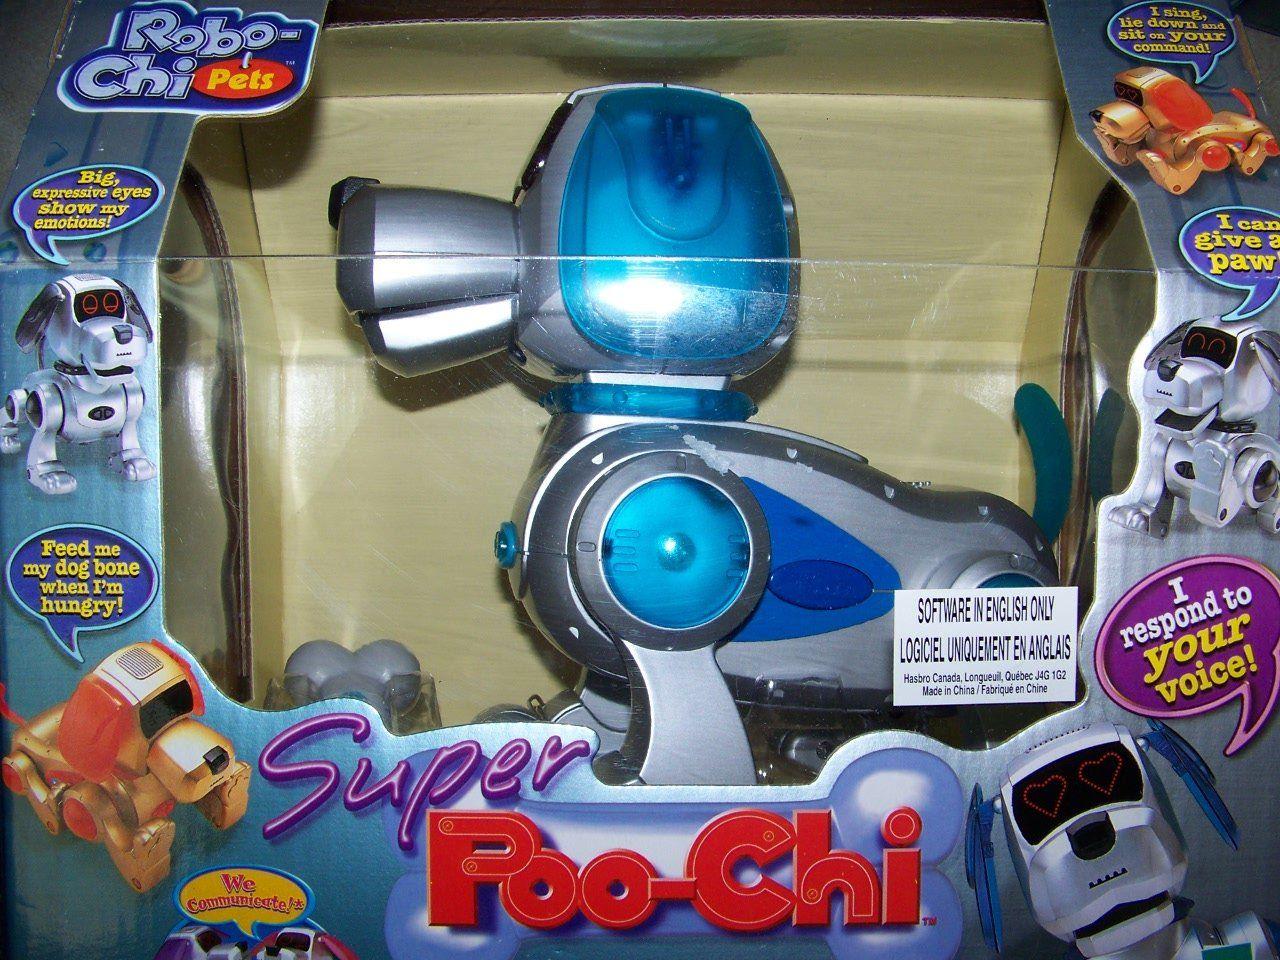 Robochi Pets Super Poochi 2000 Interactive Dog By Tiger